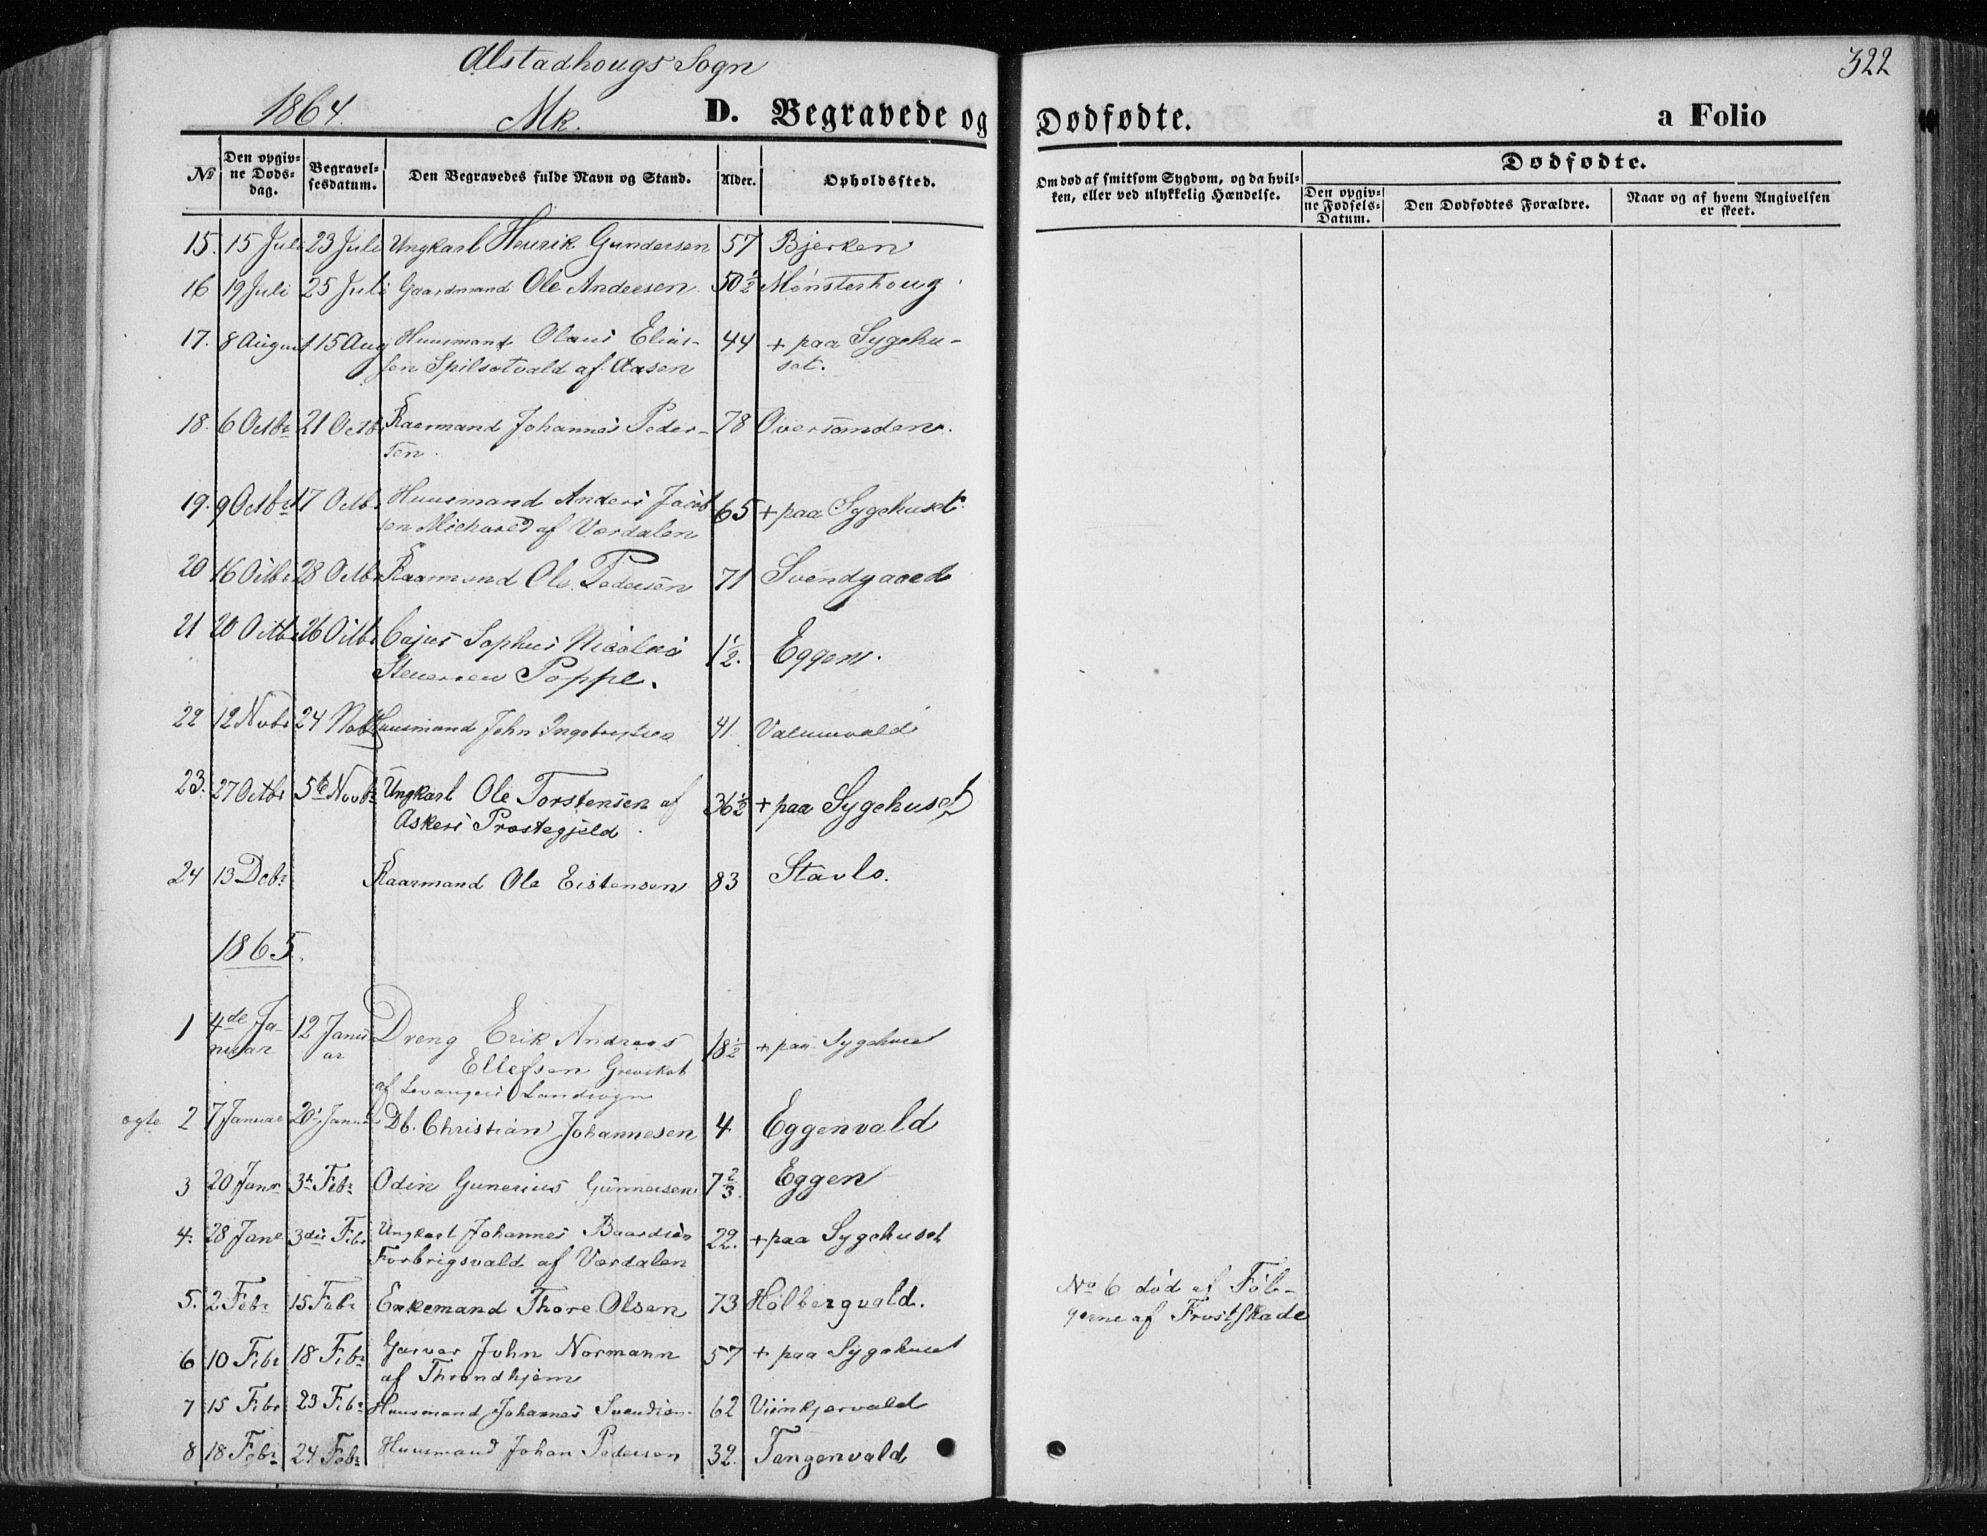 SAT, Ministerialprotokoller, klokkerbøker og fødselsregistre - Nord-Trøndelag, 717/L0157: Ministerialbok nr. 717A08 /1, 1863-1877, s. 322